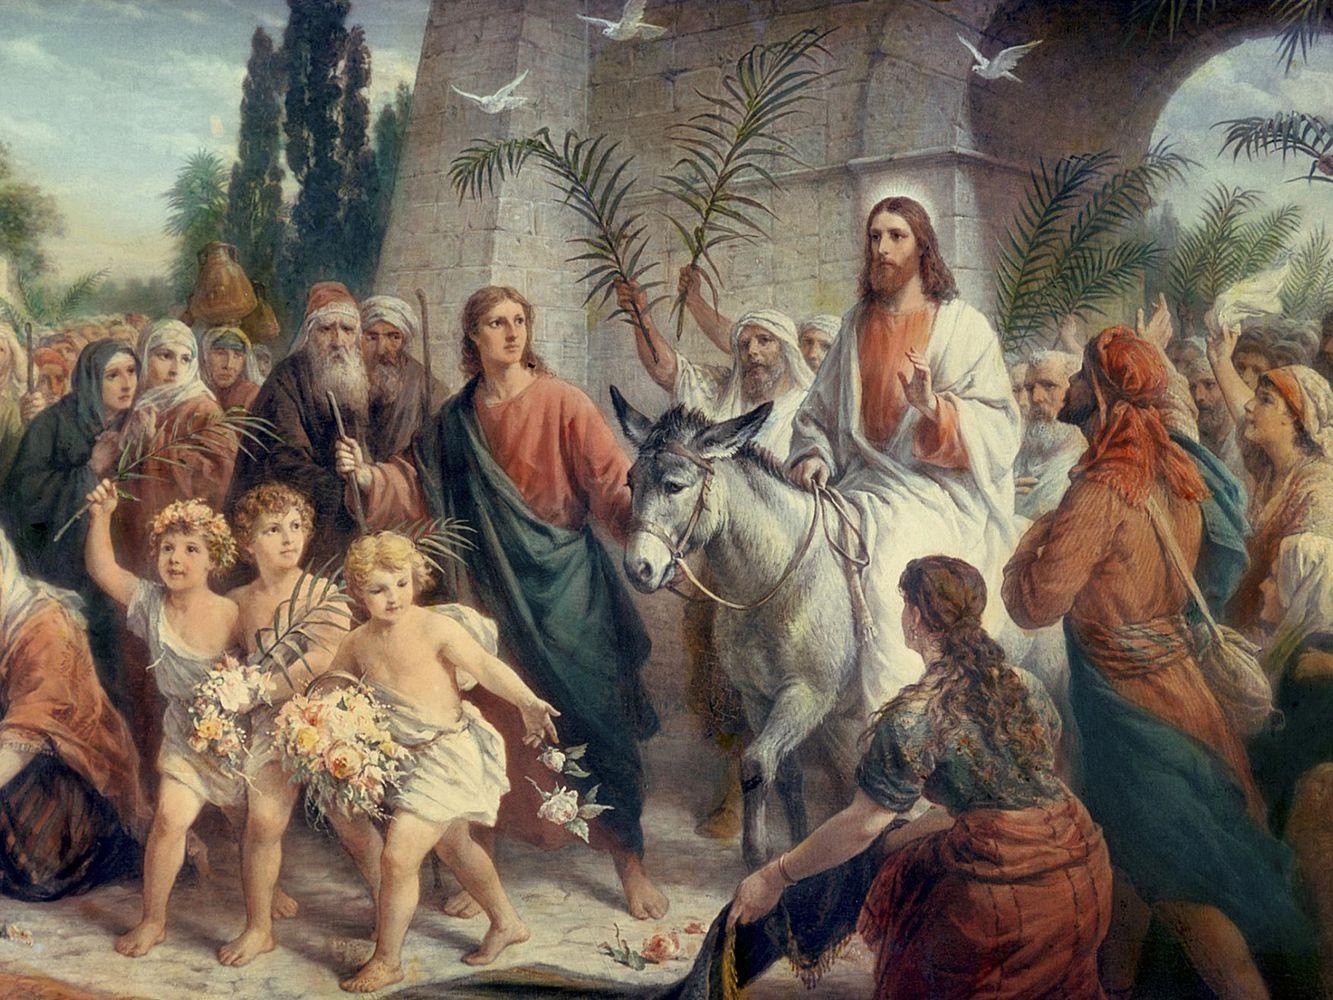 上图:耶稣基督骑驴进入耶路撒冷的艺术想象图。棕树主日(Palm Sunday)是复活节之前的主日,标志着圣周的开始,是天主教、东正教、圣公会、信义宗等基督教宗派庆祝的节日,以记念耶稣基督在这一天骑驴入耶路撒冷,百姓手持棕榈树枝、欢呼和散那,把祂当作弥赛亚君王来欢迎。